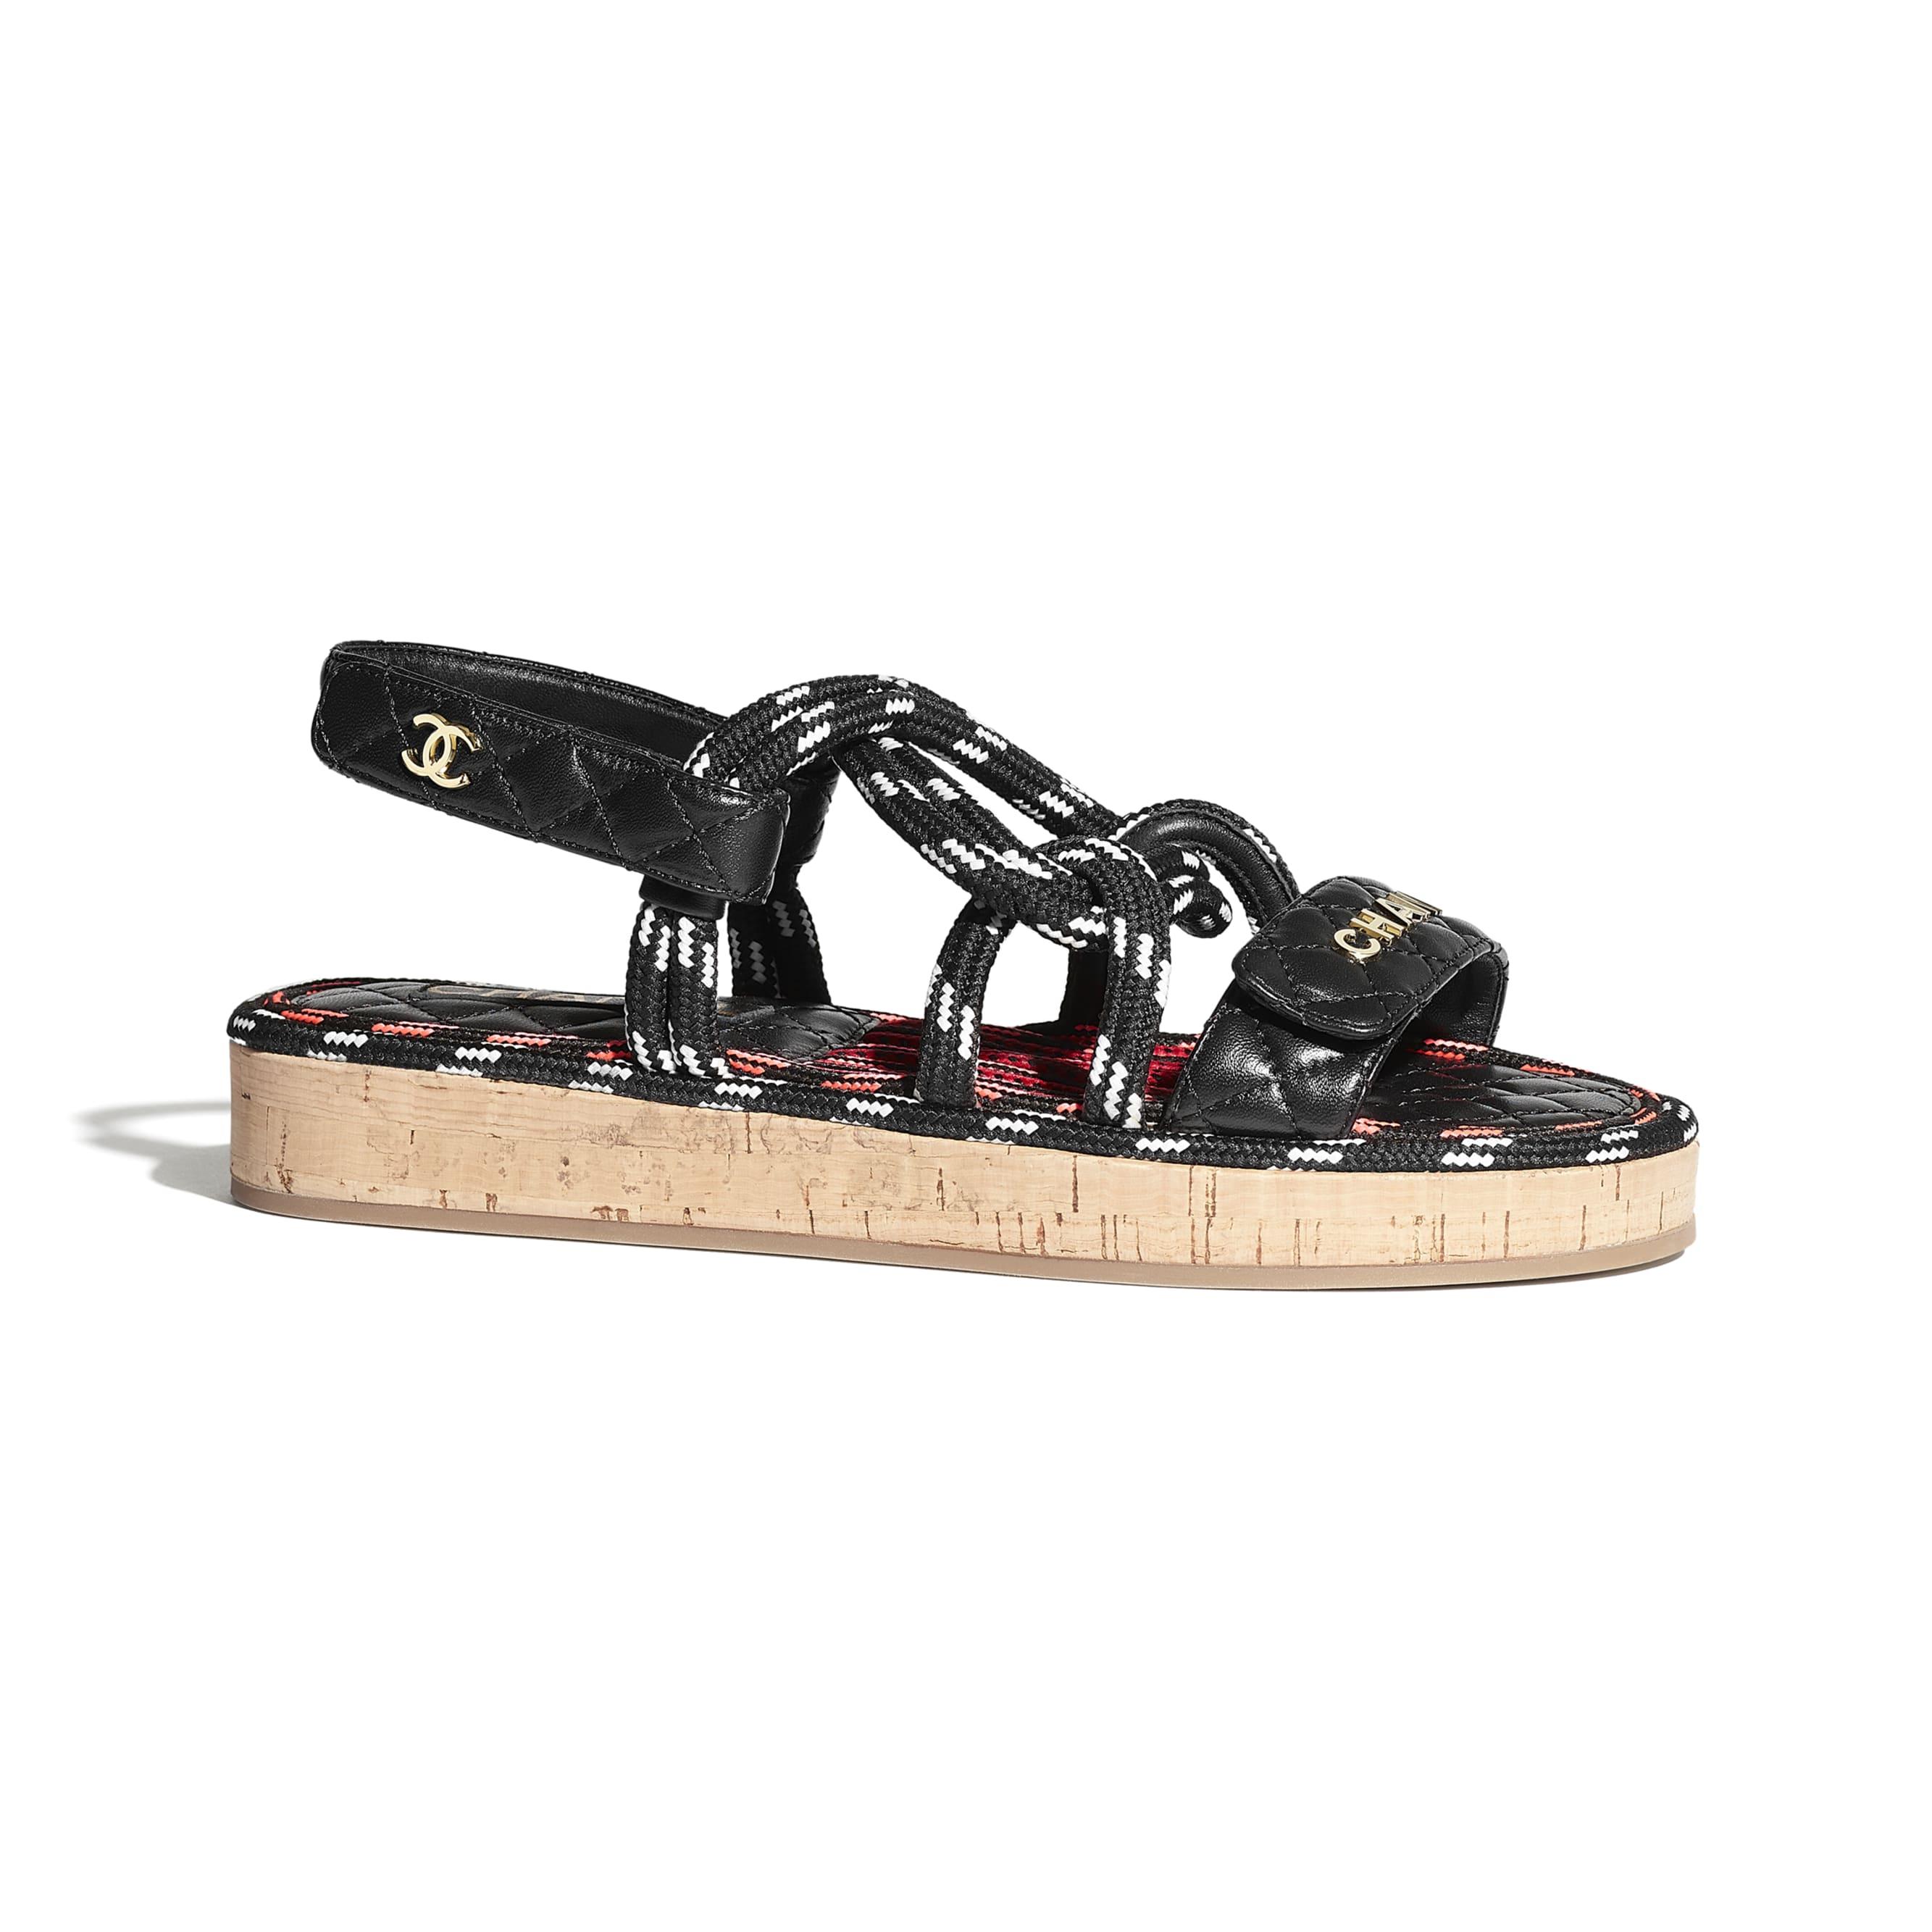 Sandały - Kolor czarny i biały - Sznurek i skóra jagnięca  - CHANEL - Widok domyślny – zobacz w standardowym rozmiarze